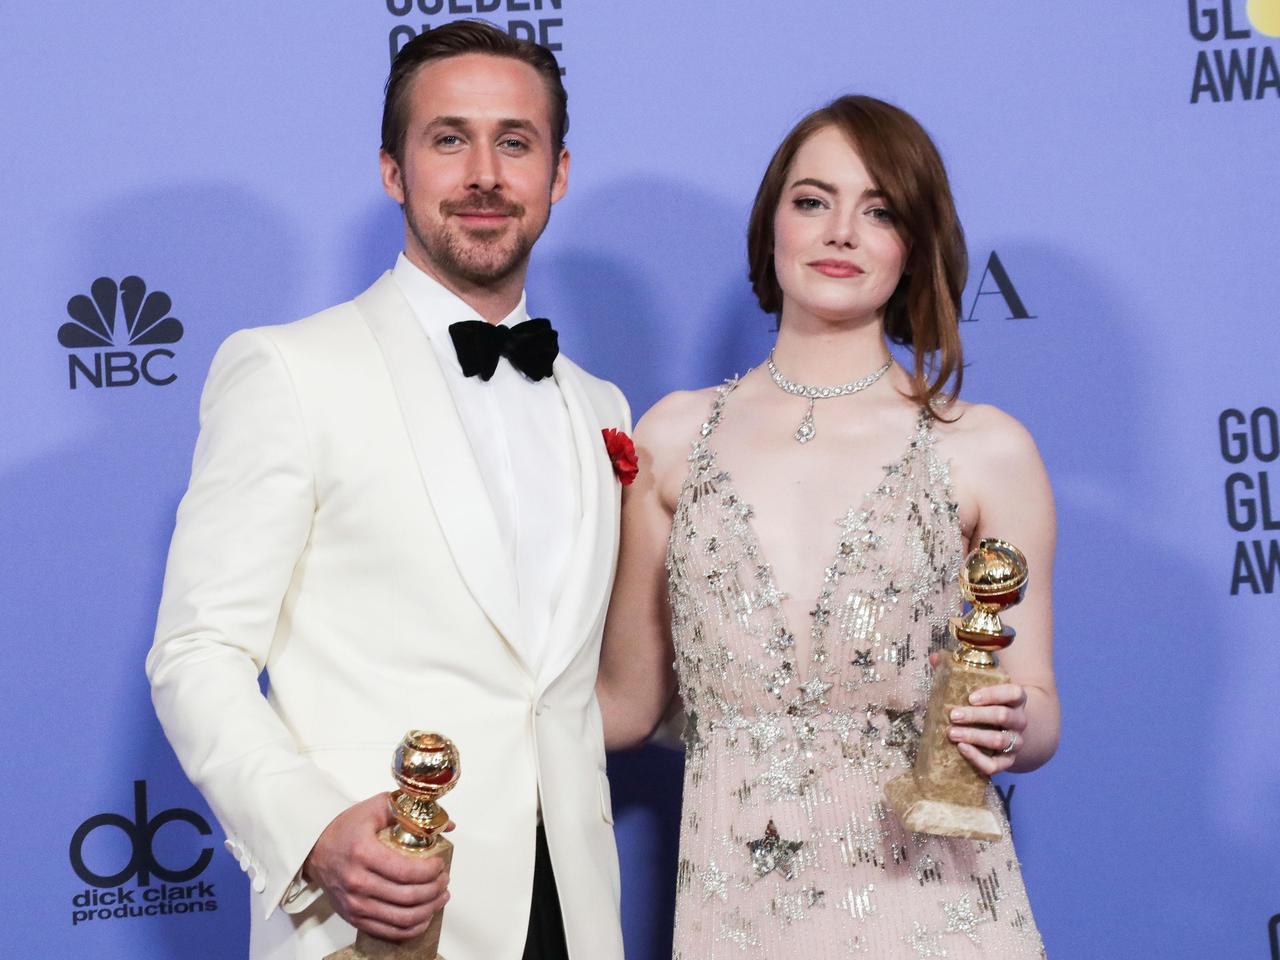 画像: 去年史上最多7部門を受賞した映画『ラ・ラ・ランド』の主演を務めた、ライアン・ゴズリングとエマ・ストーン。